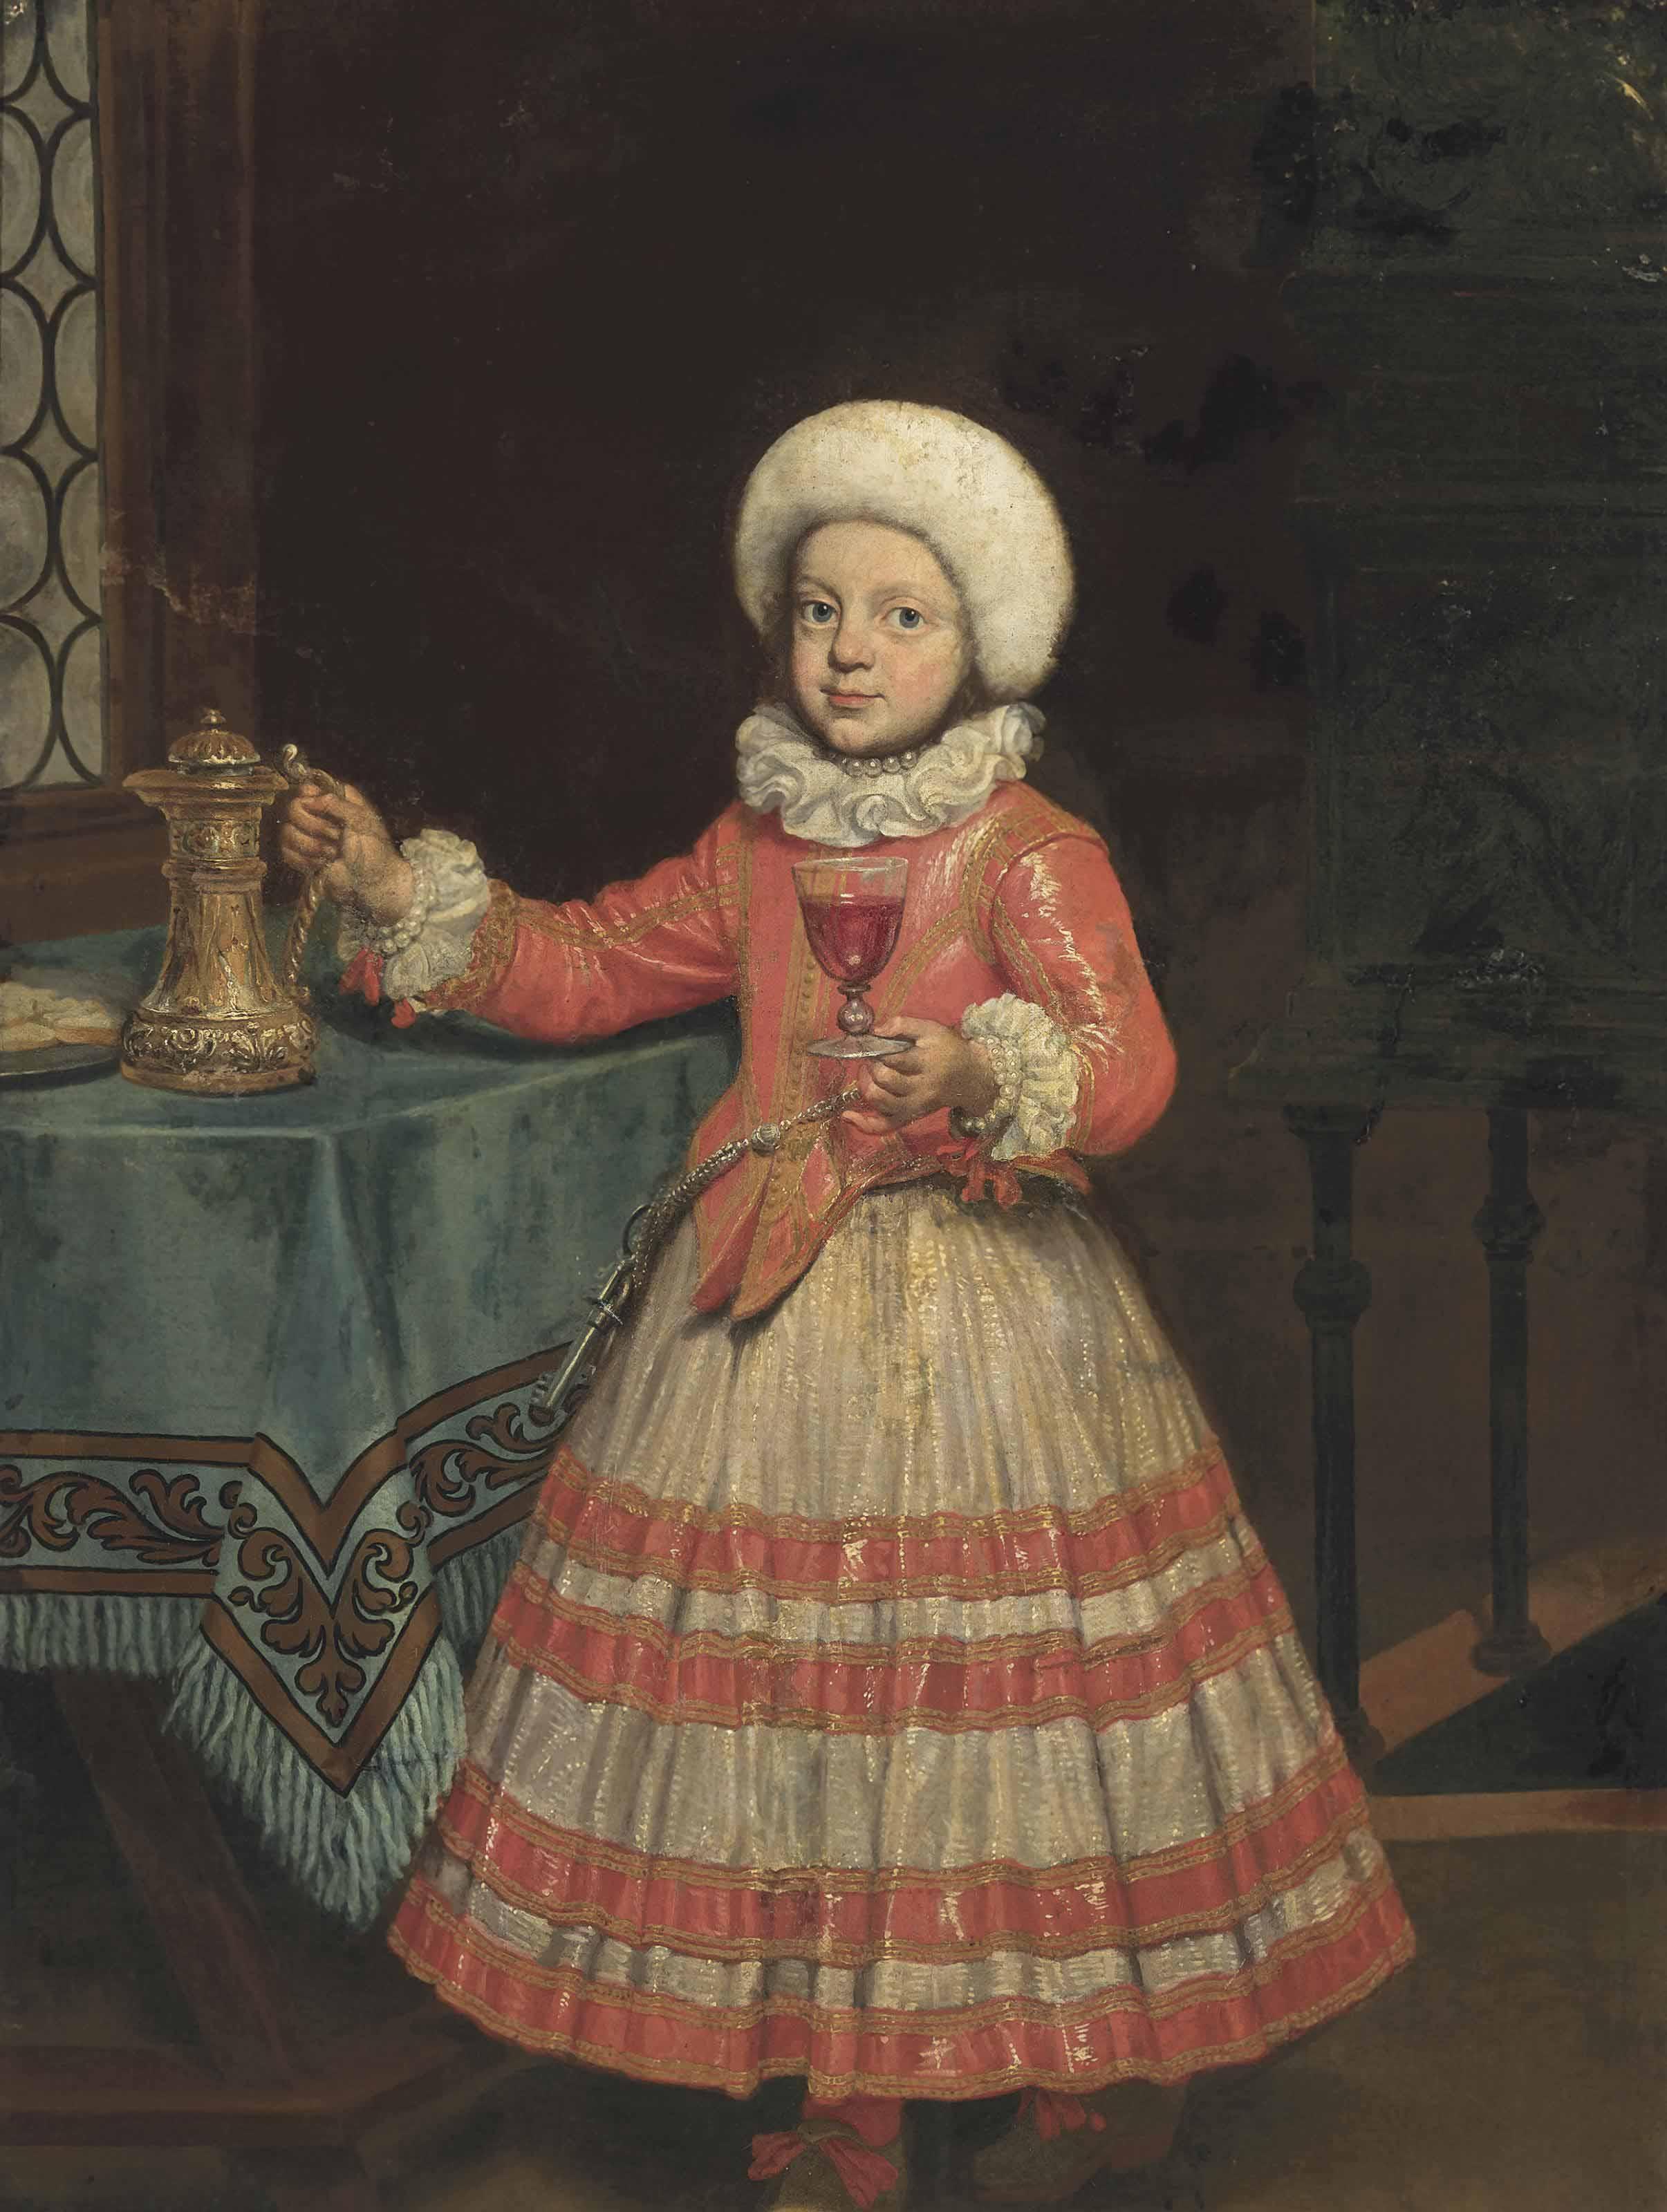 Pierre Ronche (active Rome, 17th century) | Portrait of